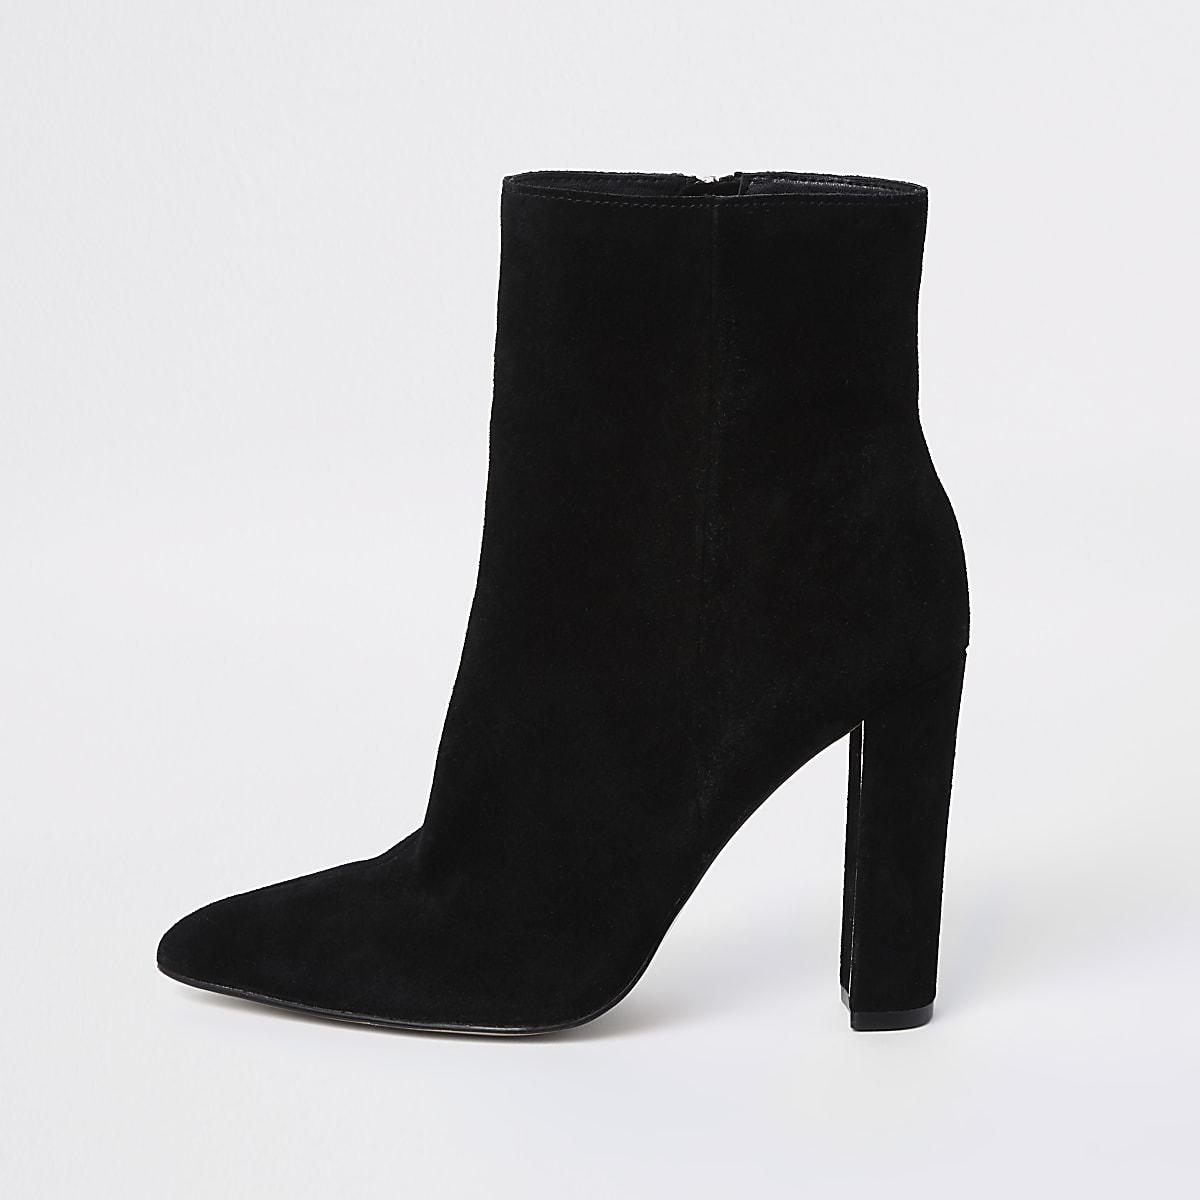 Black suede pointed toe block heel boot